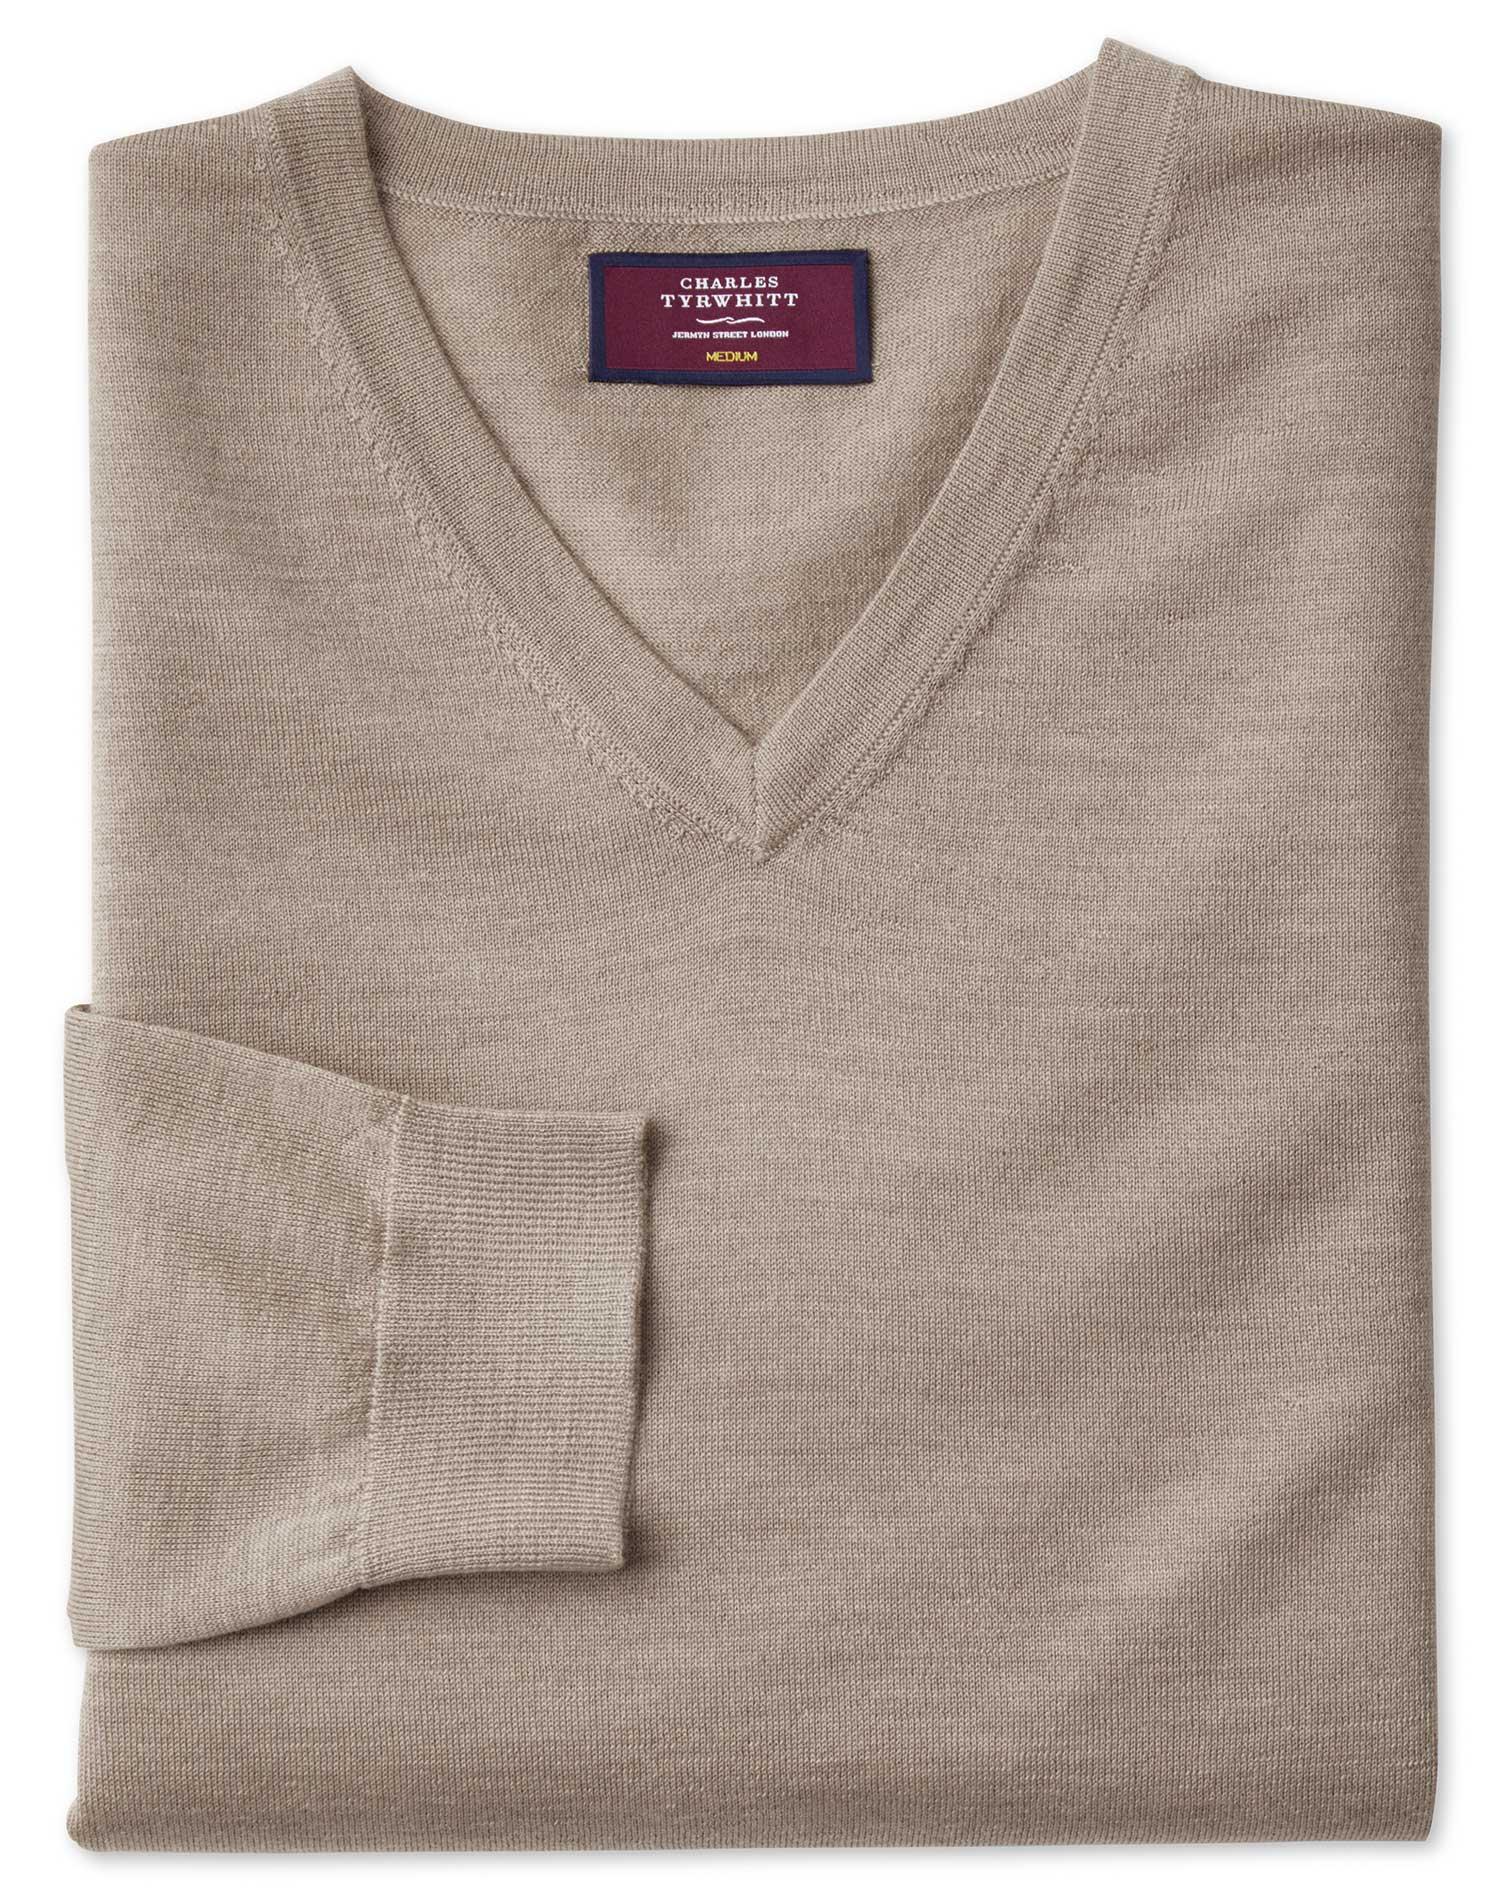 Stone Merino Silk V-Neck Jumper Size XXL by Charles Tyrwhitt